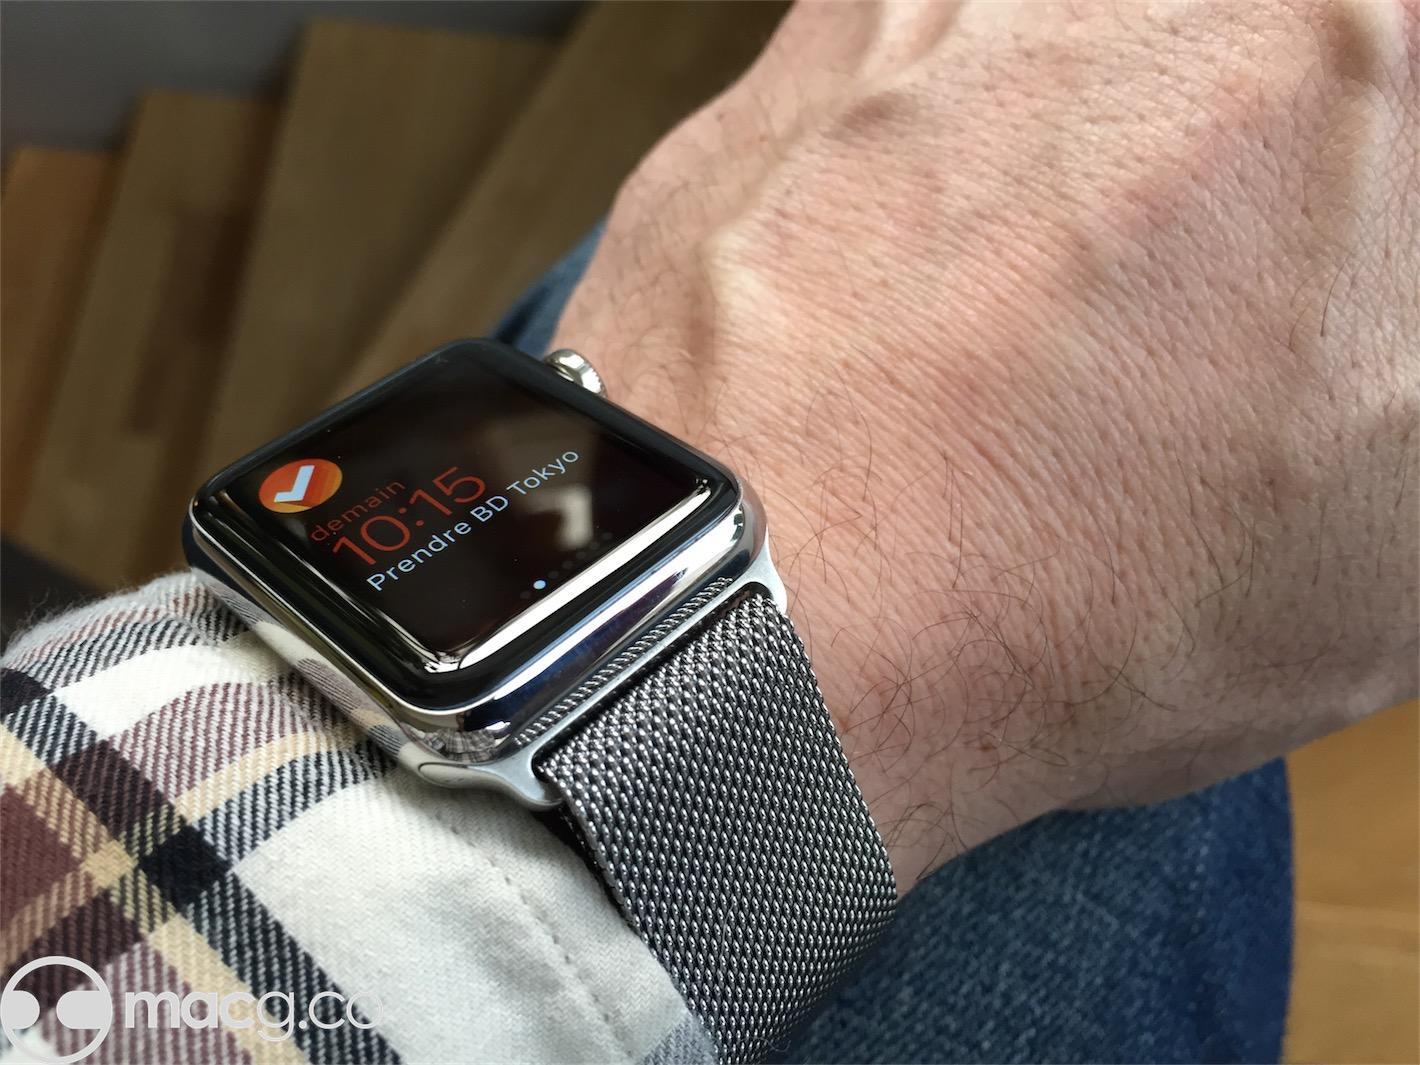 mode designer 38a7f c3aed Déceptions avec le bracelet Milanais de l'Apple Watch ...